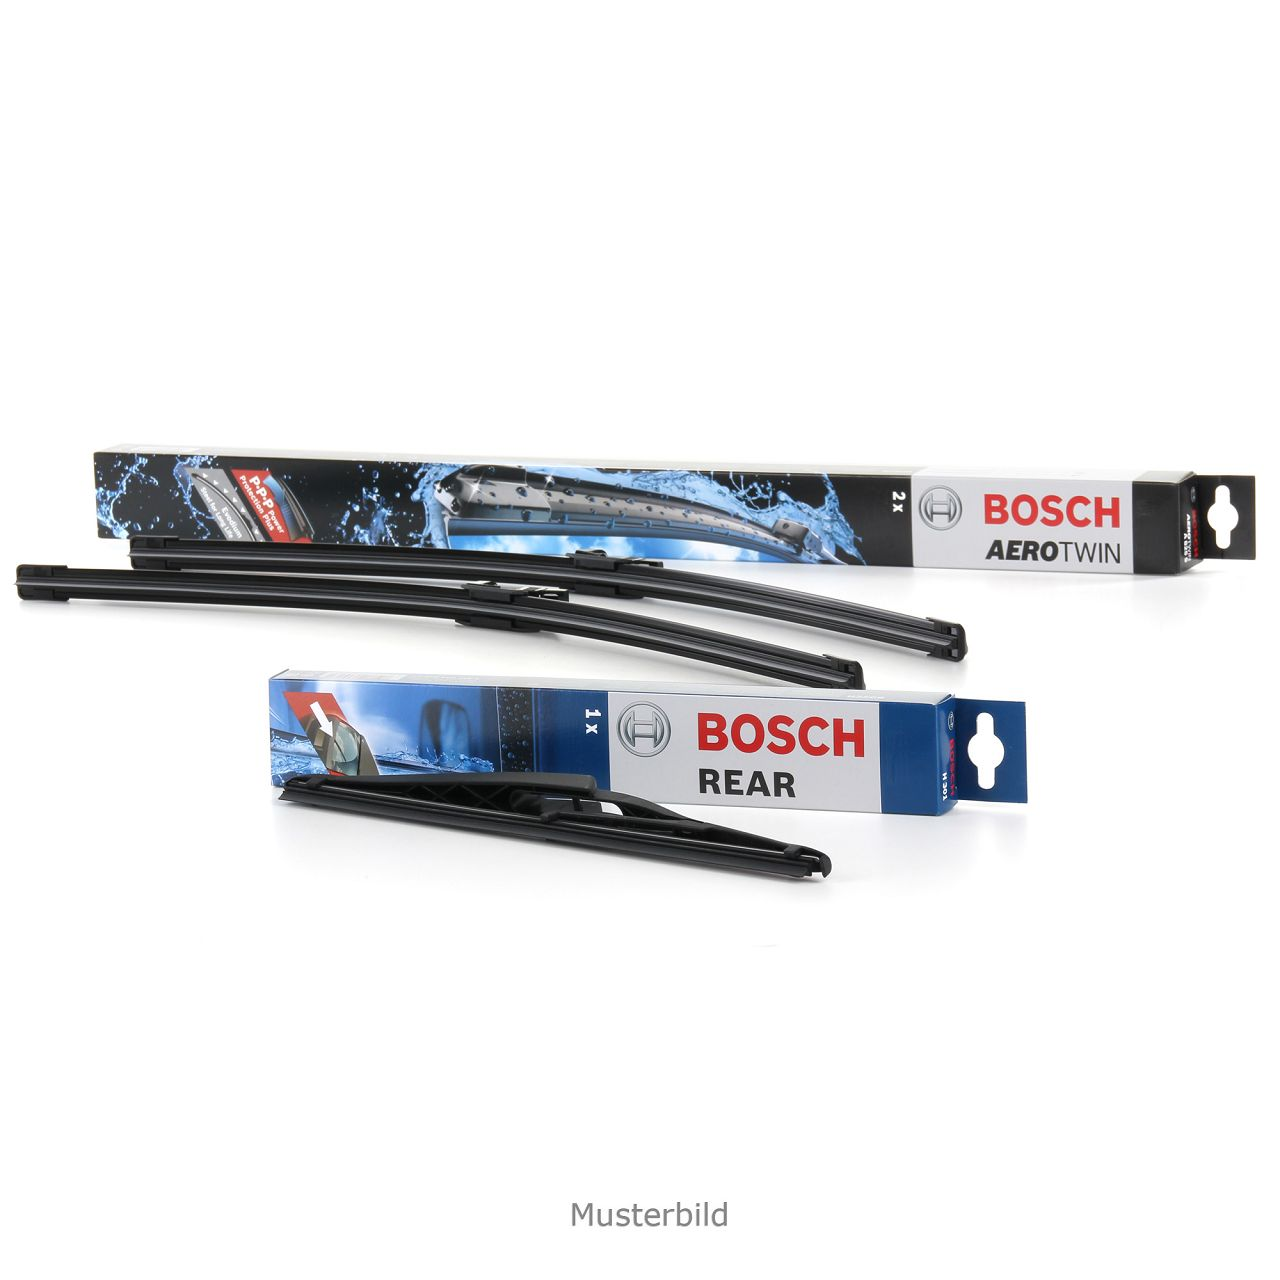 BOSCH A948S + H420 Scheibenwischer MERCEDES E-Klasse T-Model S211 vorne + hinten